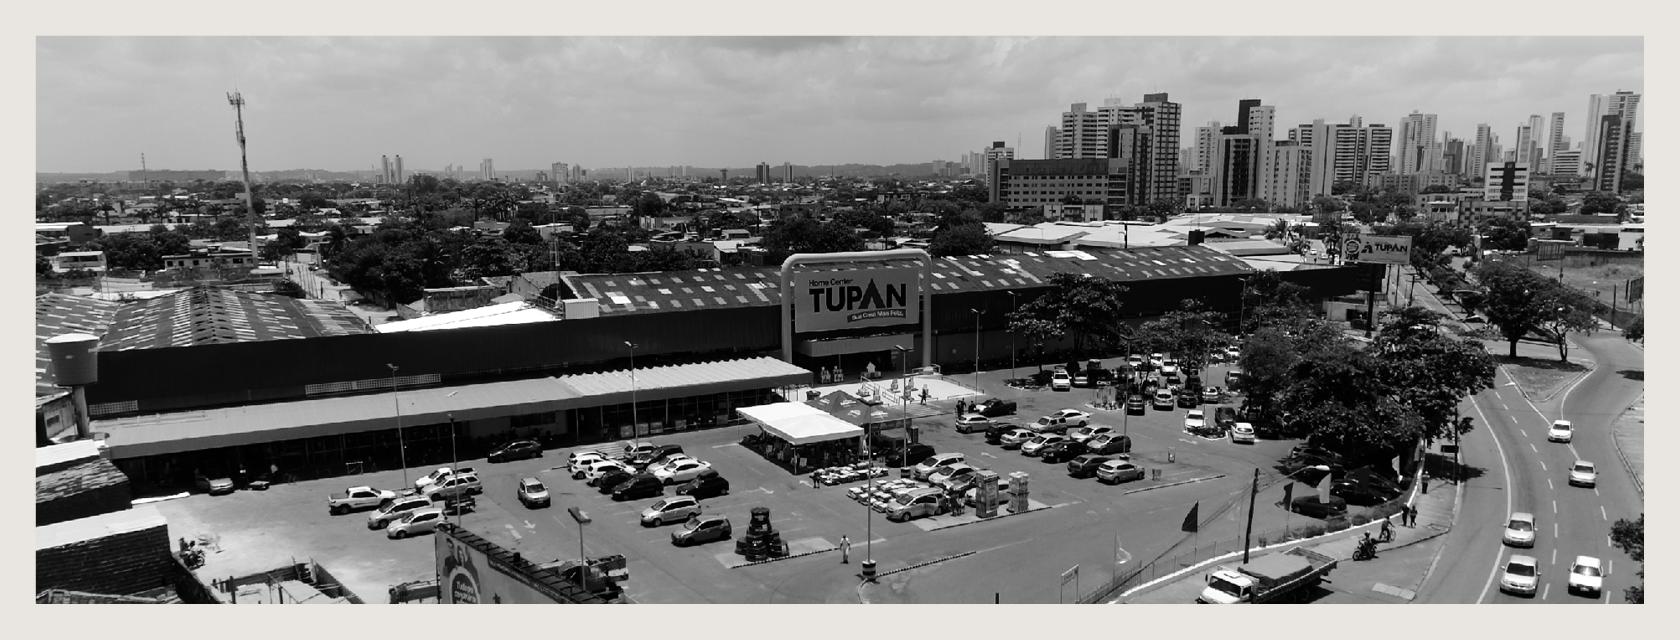 Grupo Tupan se consolida como um dos maiores distribuidores de materiais de construção do País